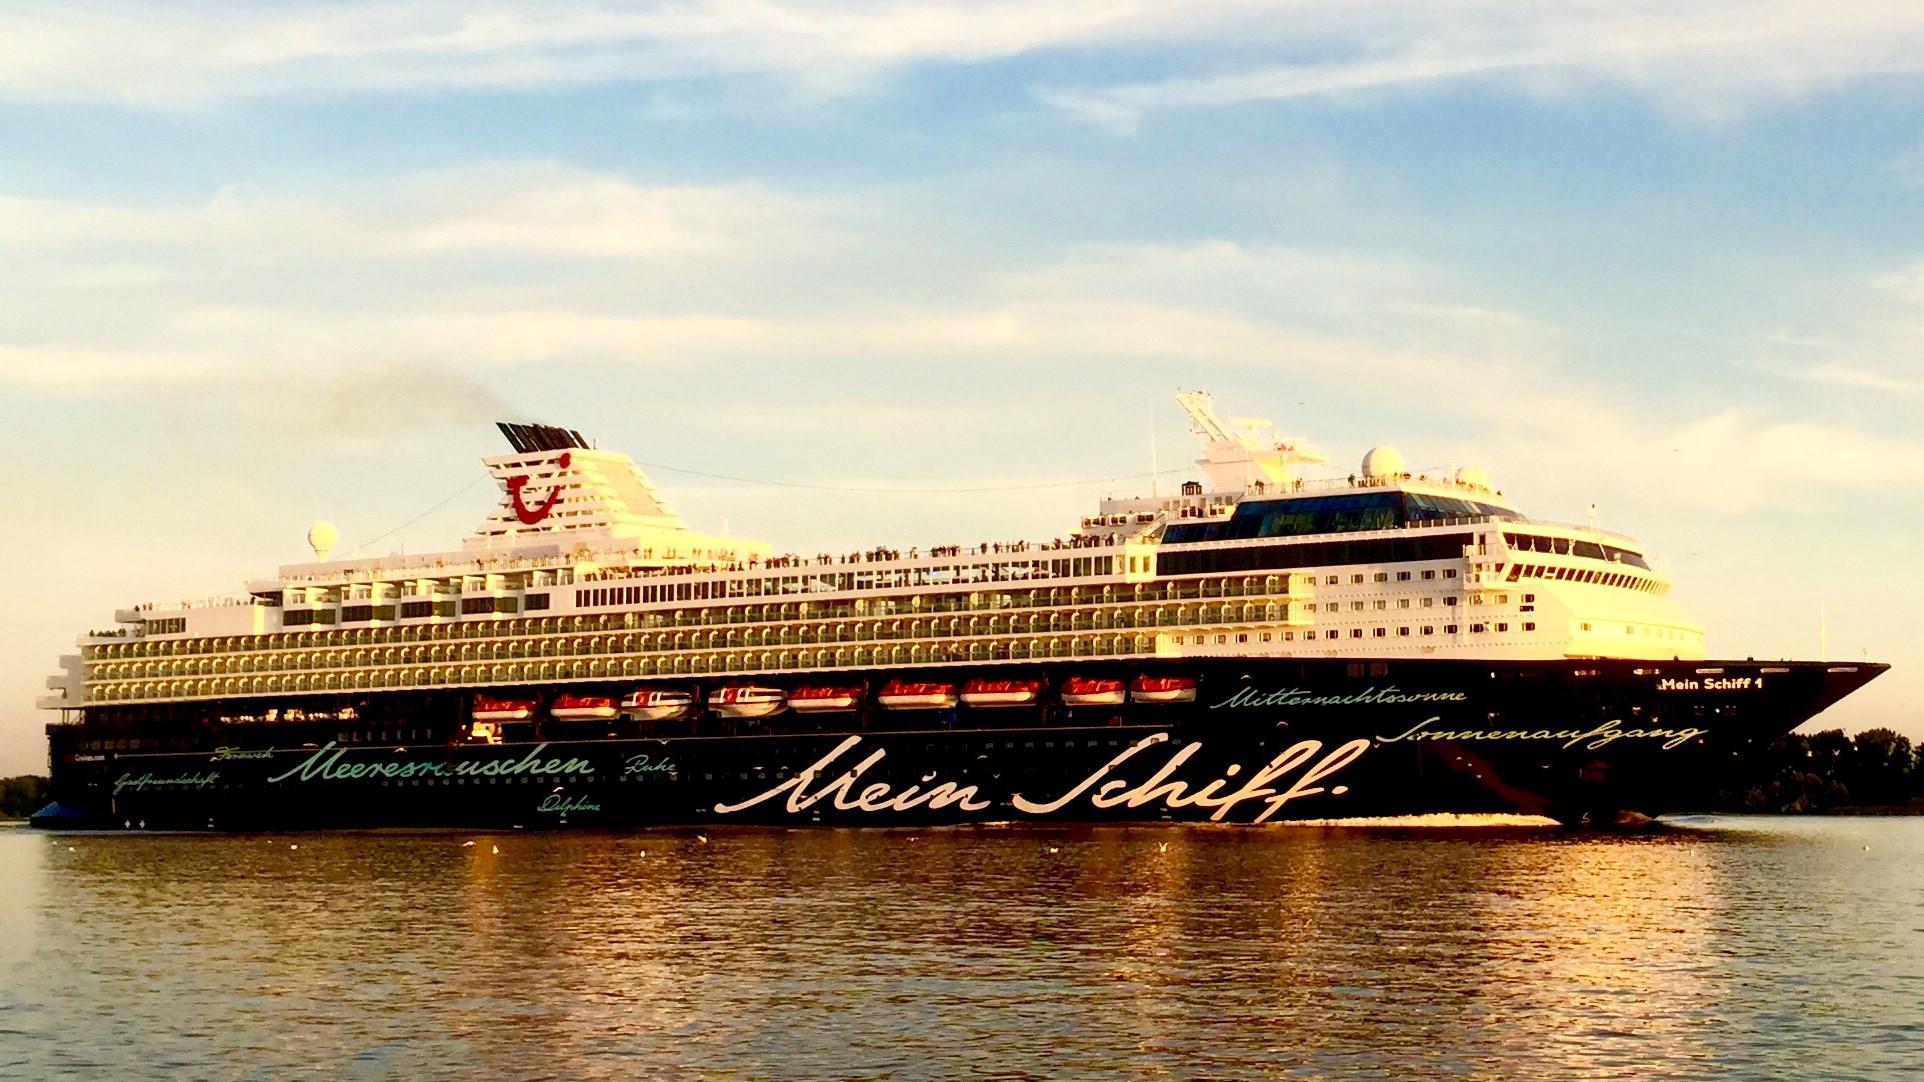 Schiffreisenportal-Kreuzfahrten-Schiffsreisen-Weltreisen-Mein-Schiff-1